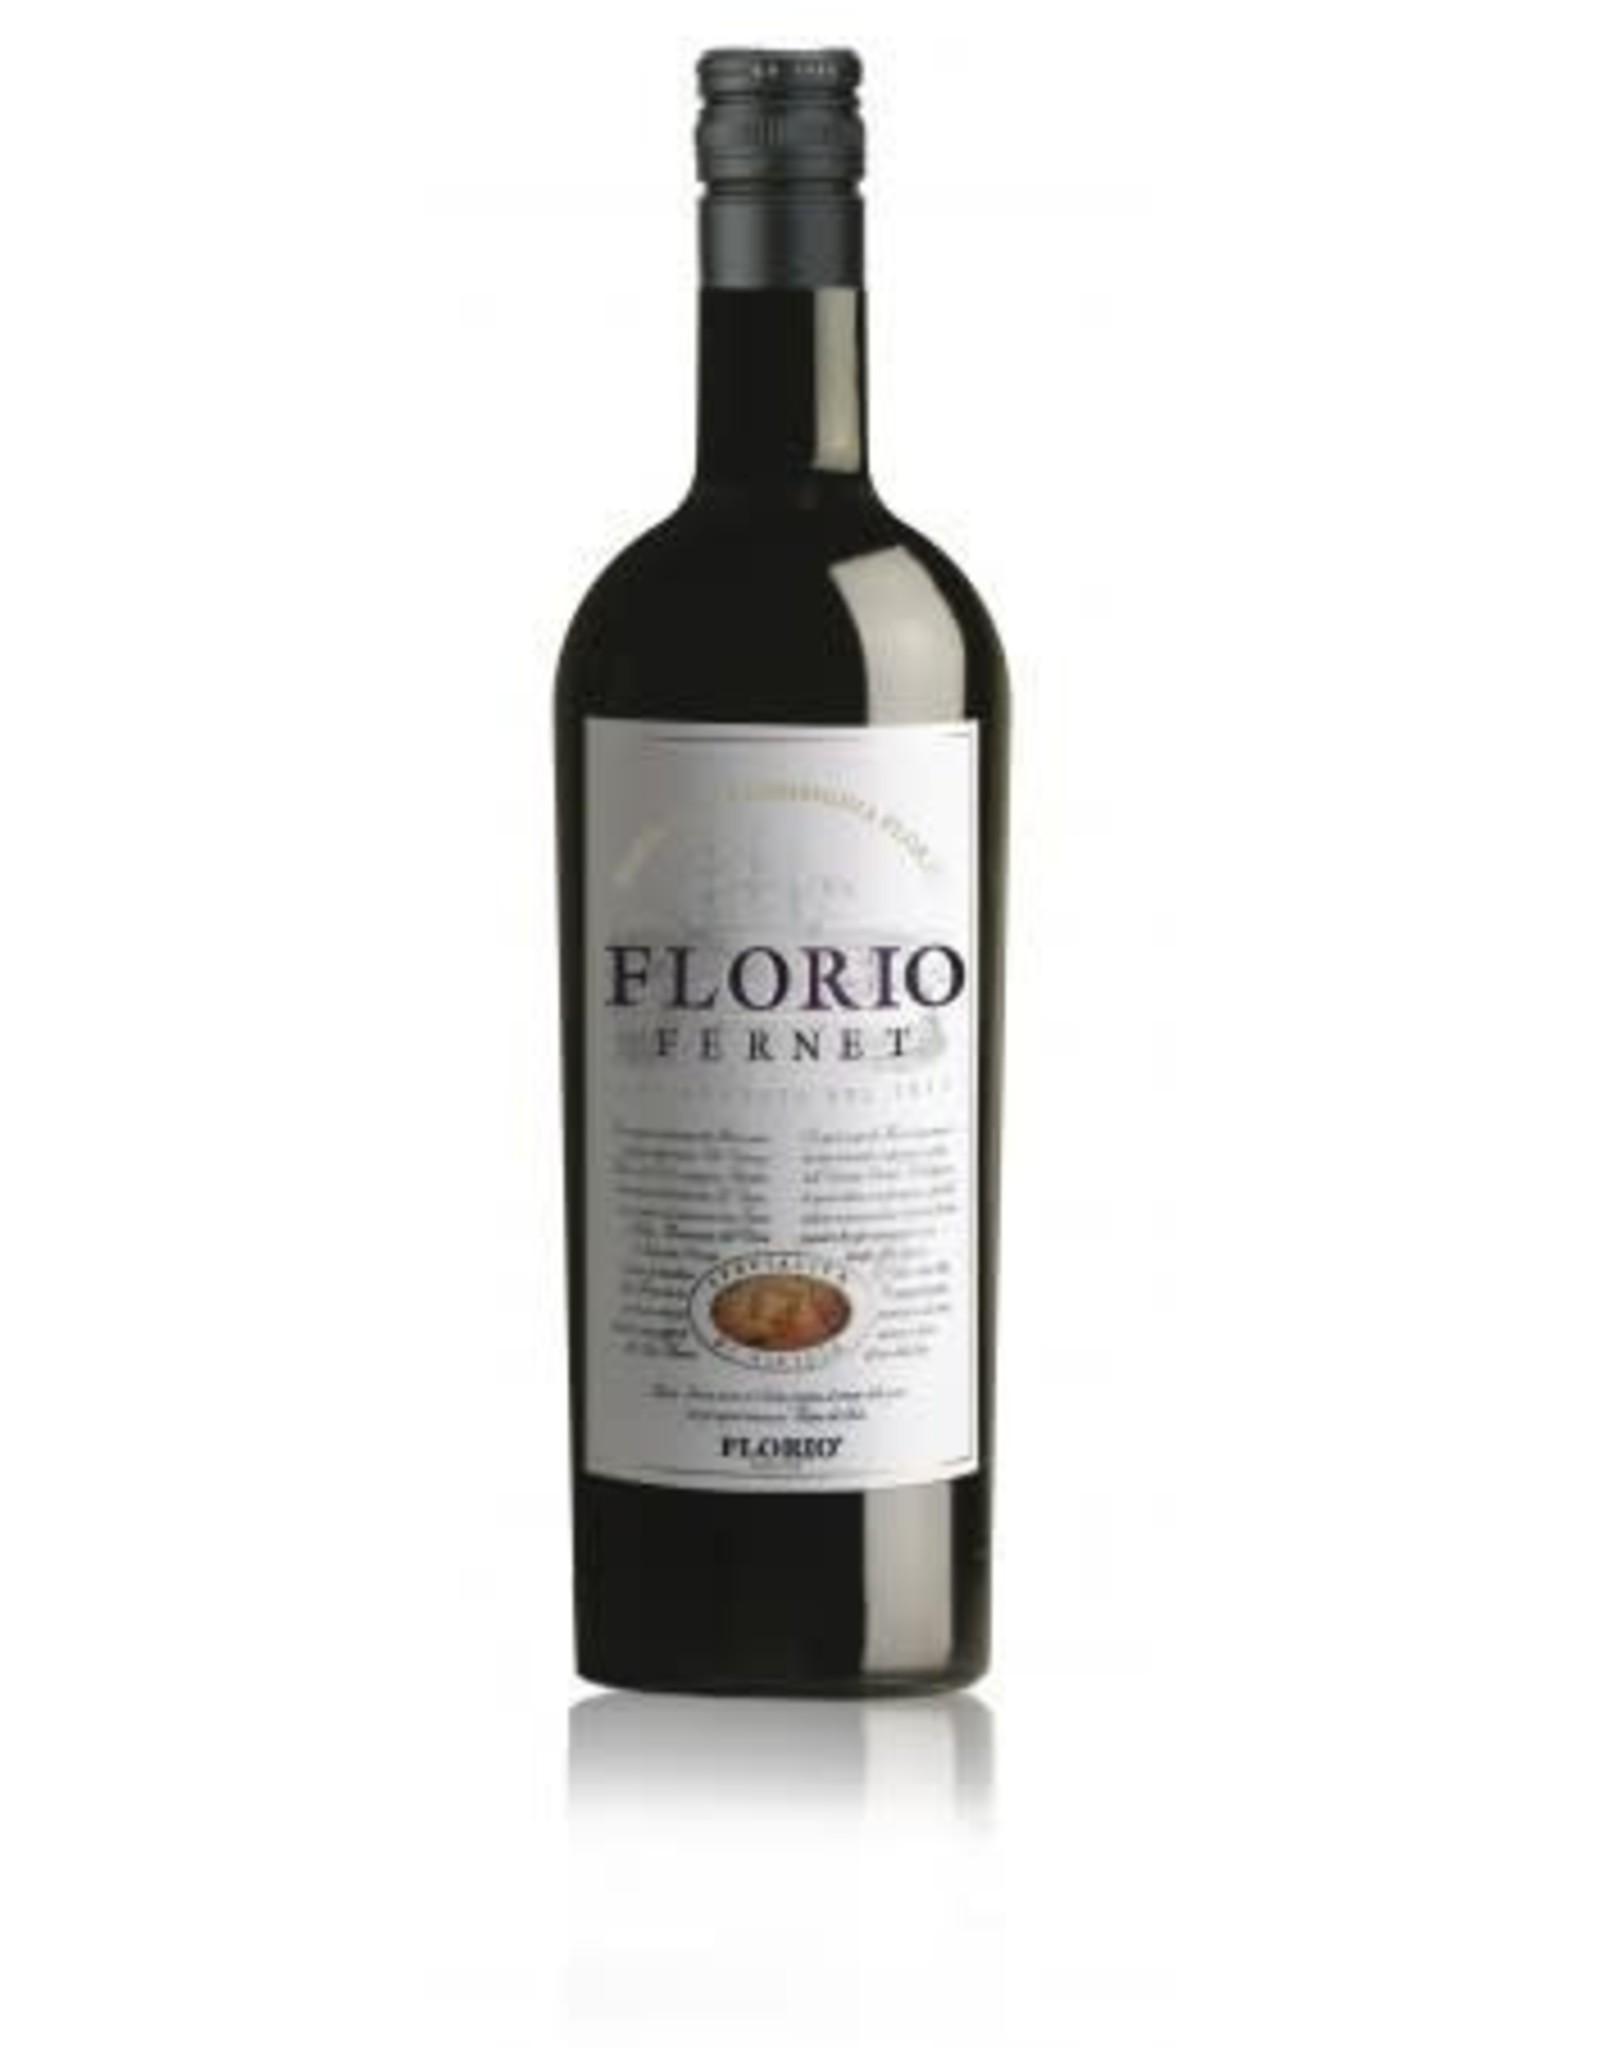 Florio Fernet